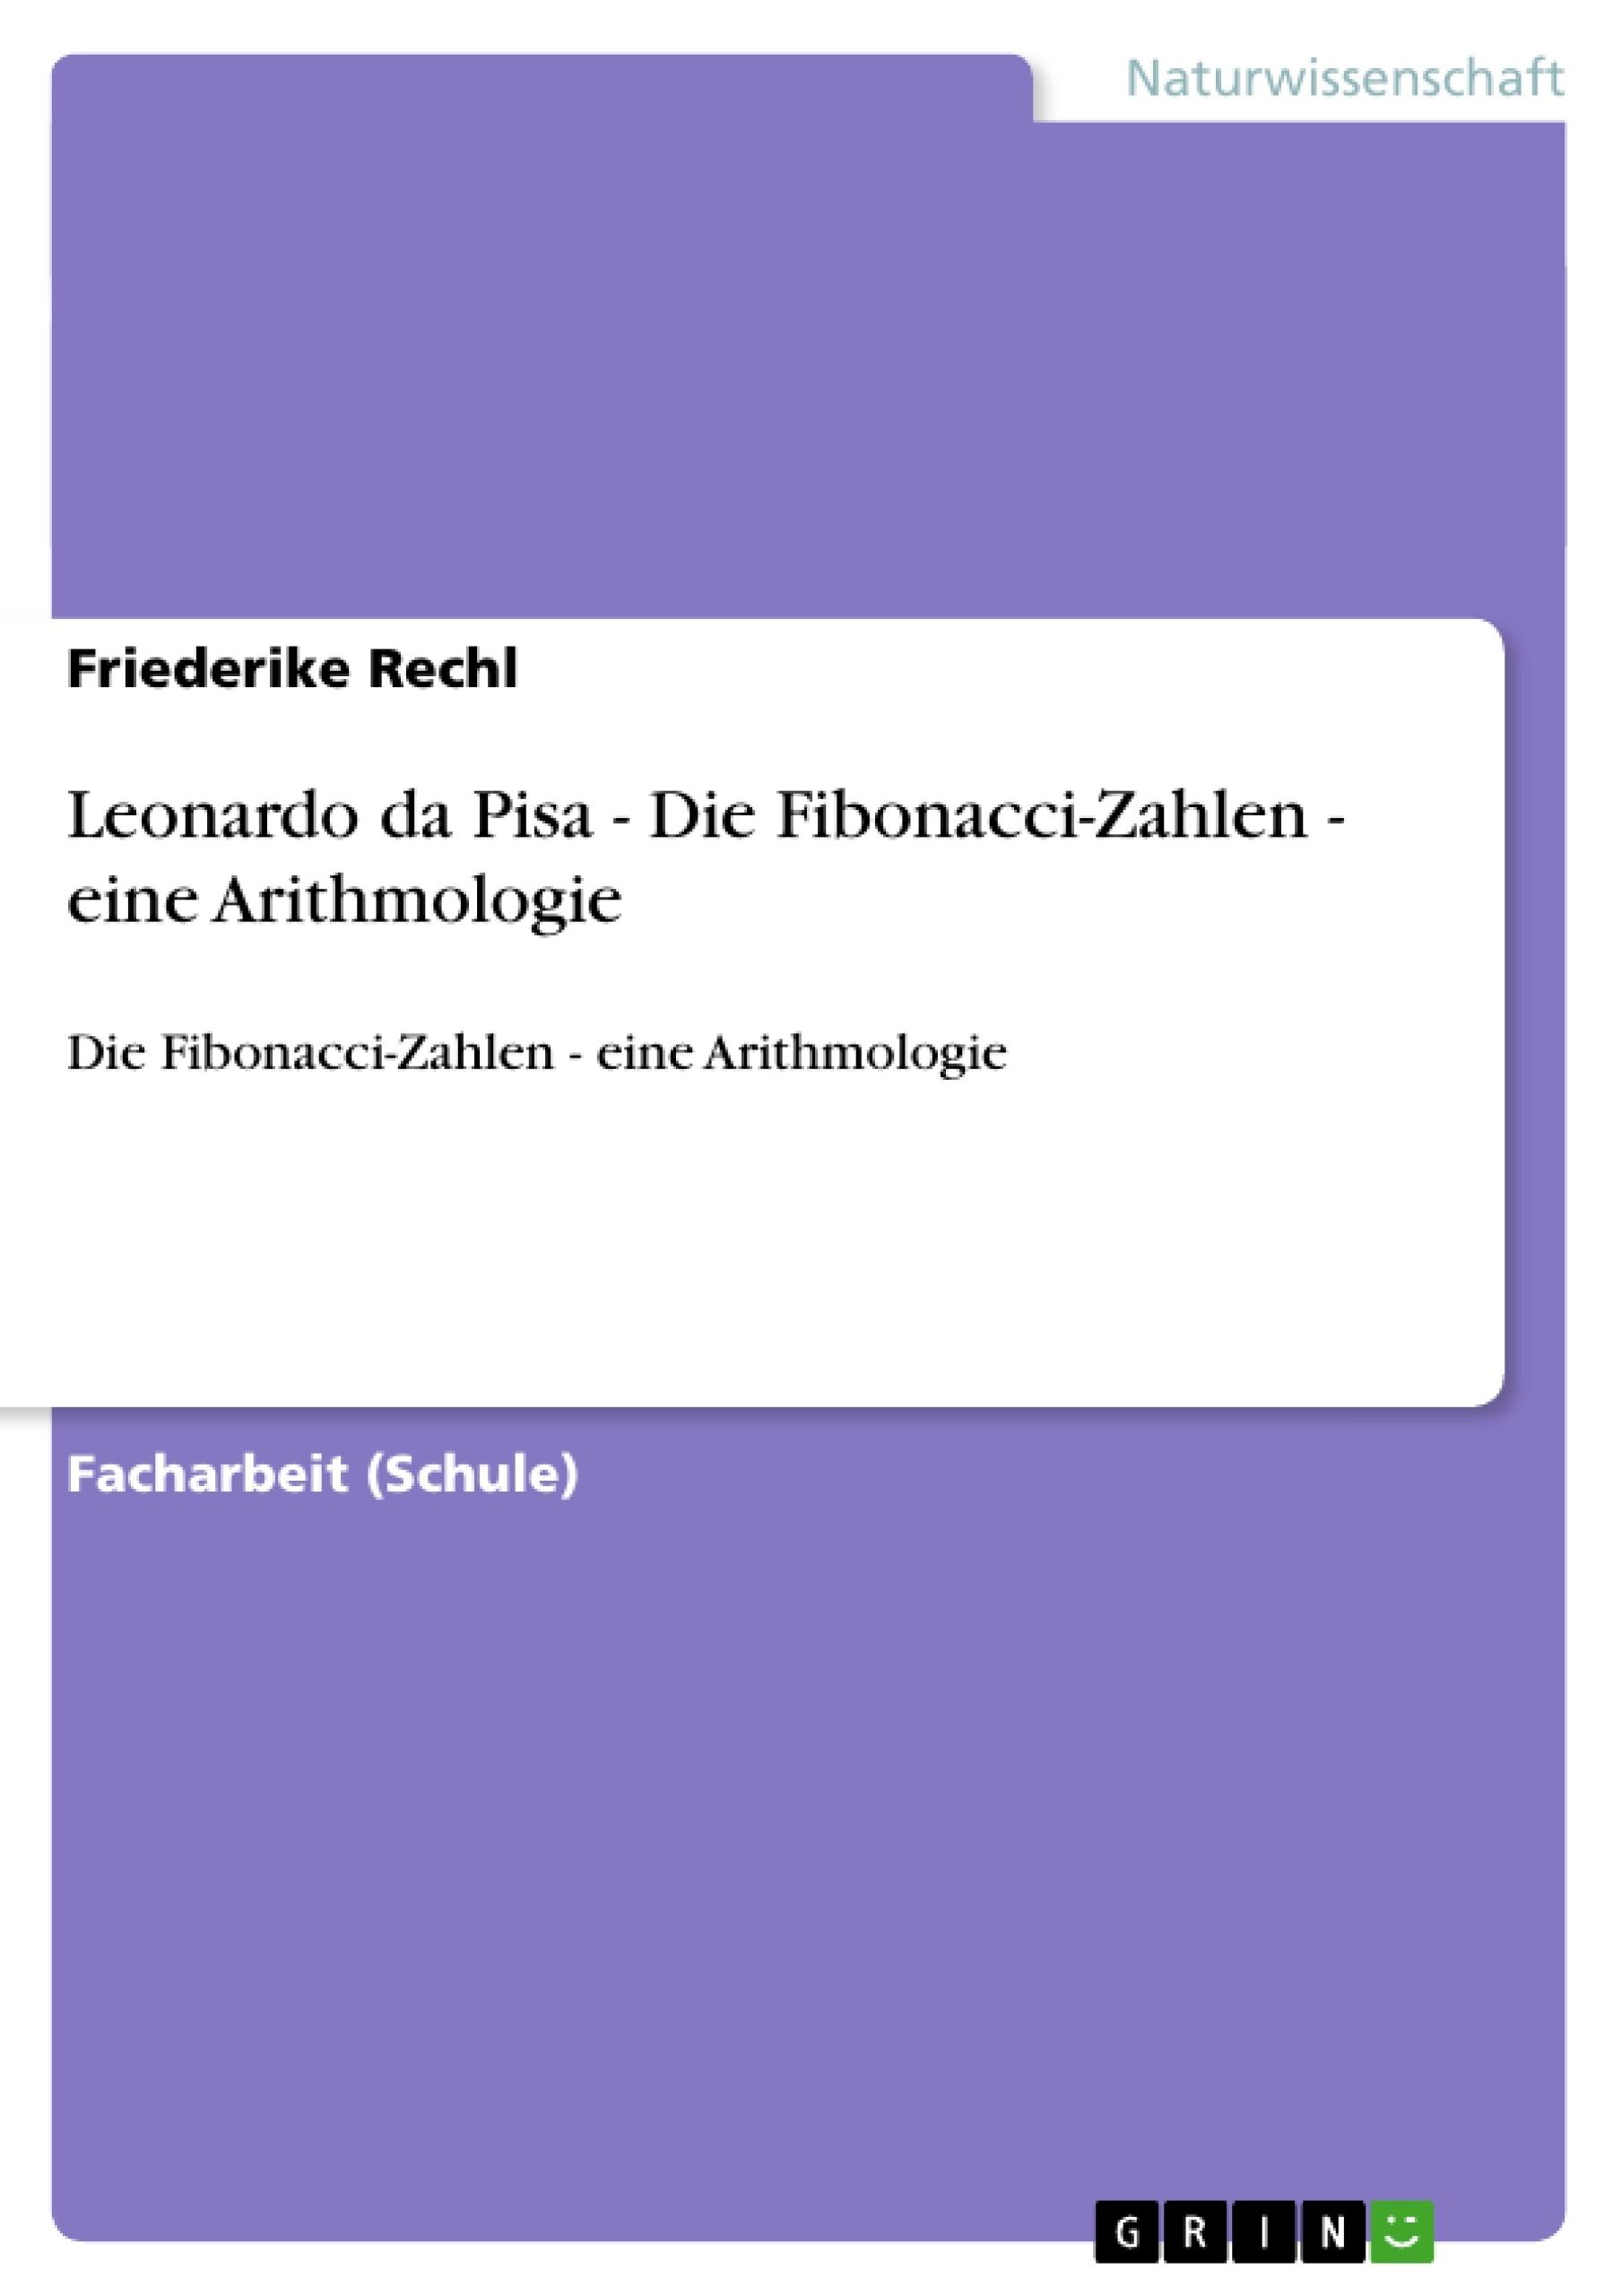 Titel: Leonardo da Pisa   -  Die Fibonacci-Zahlen - eine Arithmologie